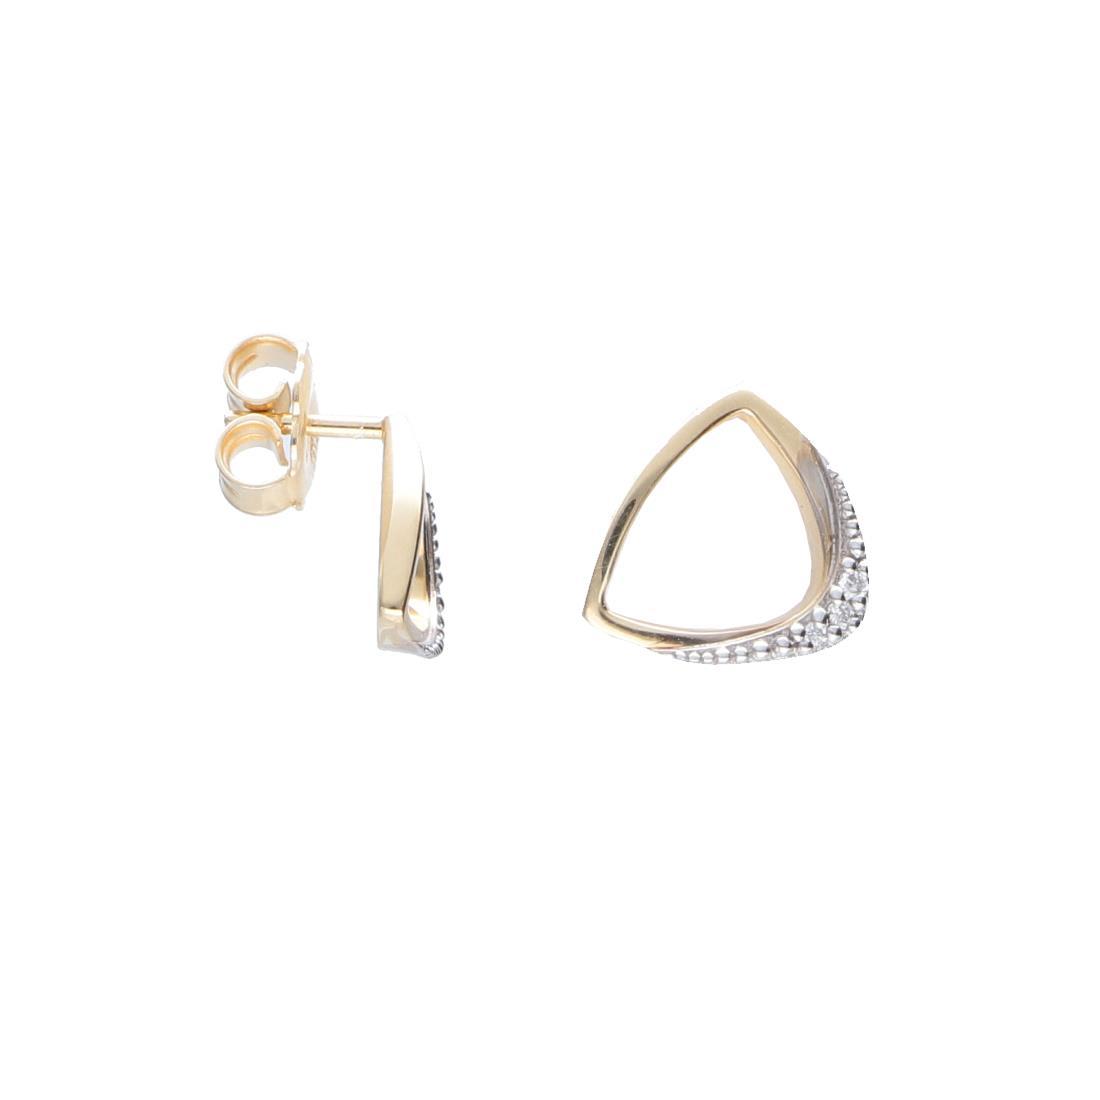 Orecchini in oro giallo con diamanti  - ALFIERI & ST. JOHN